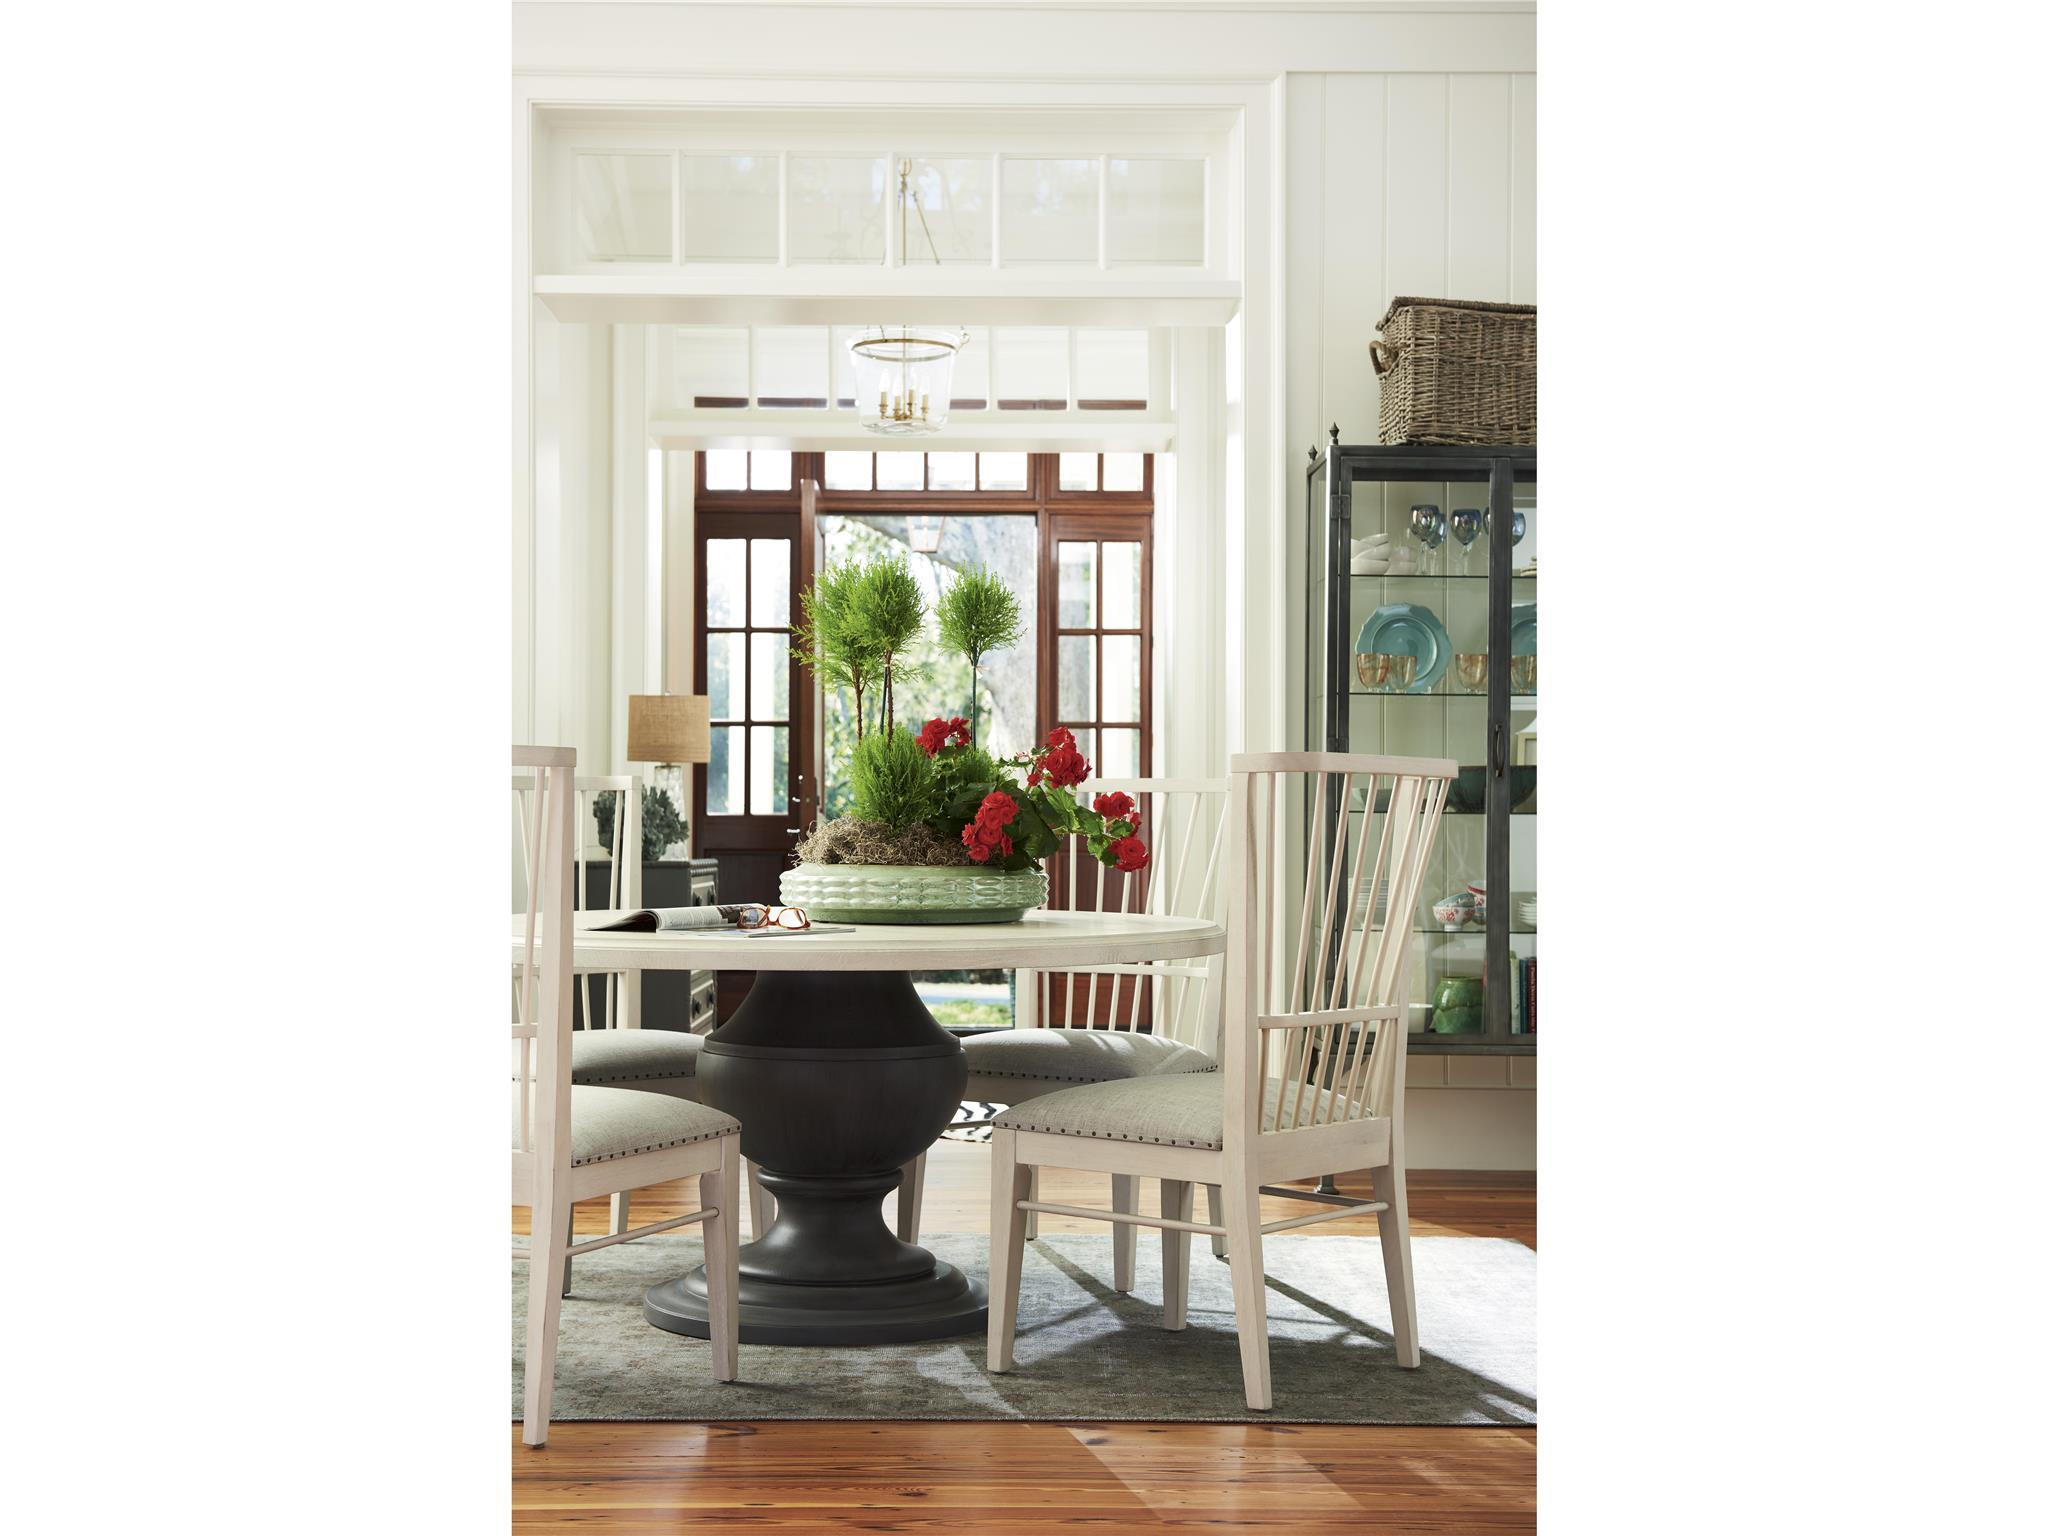 Cottage-Paula Deen Home